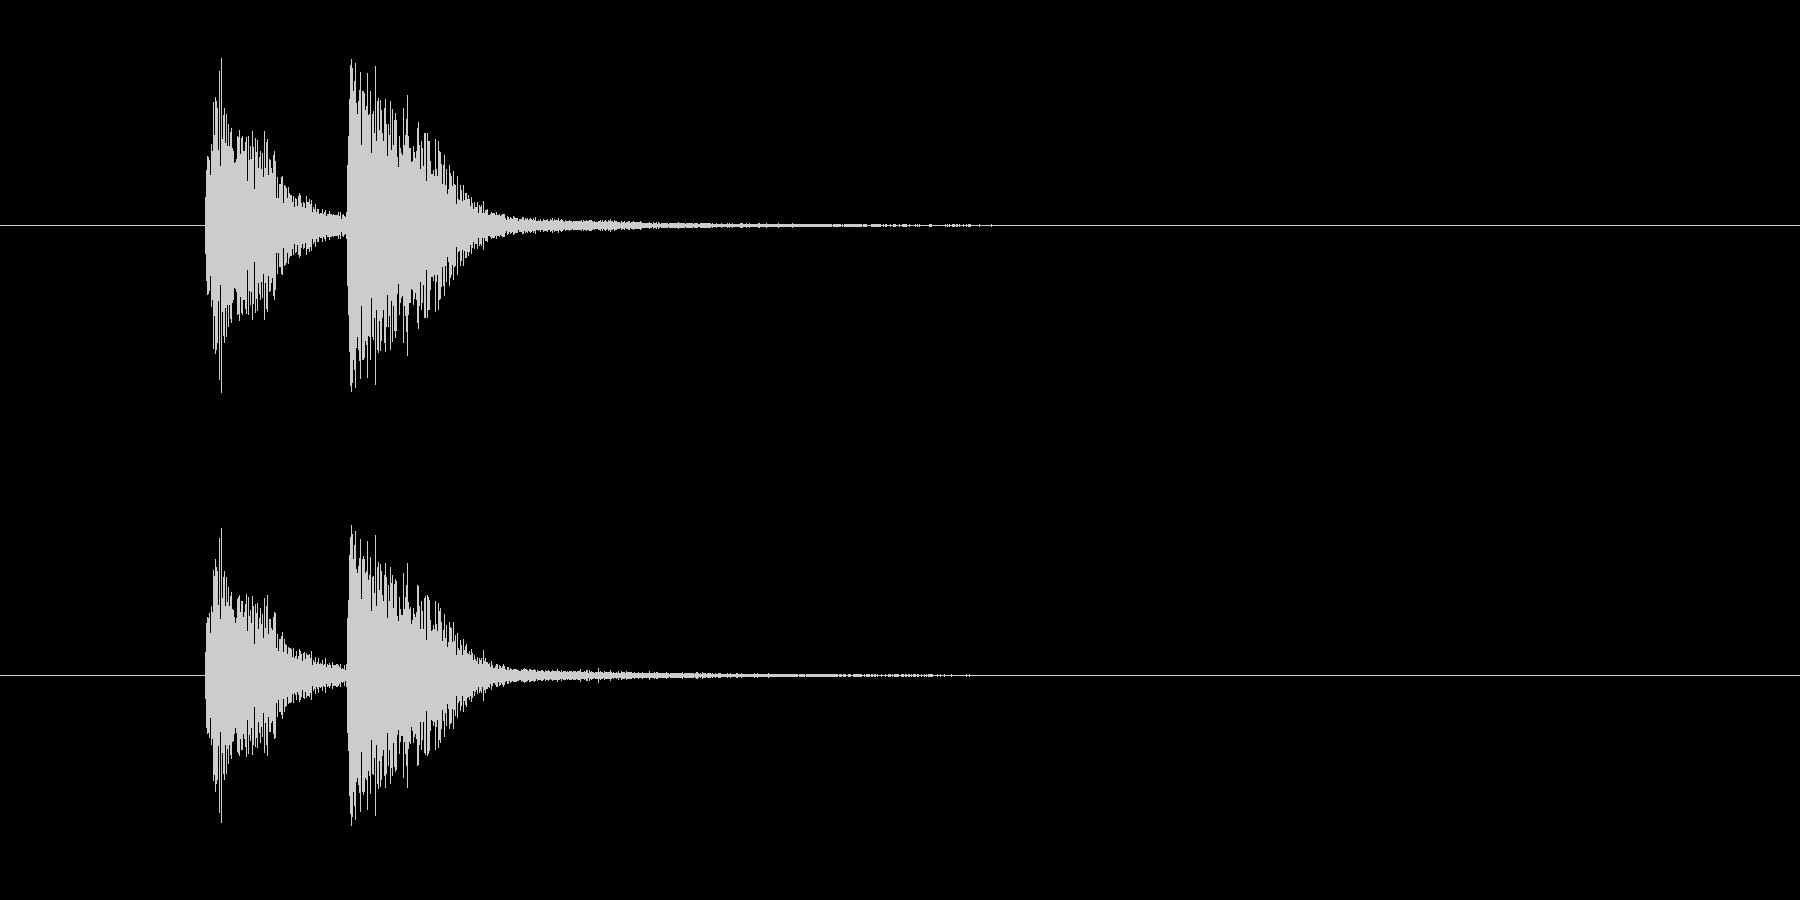 ズッチャン(オルガン等のお知らせ音)の未再生の波形